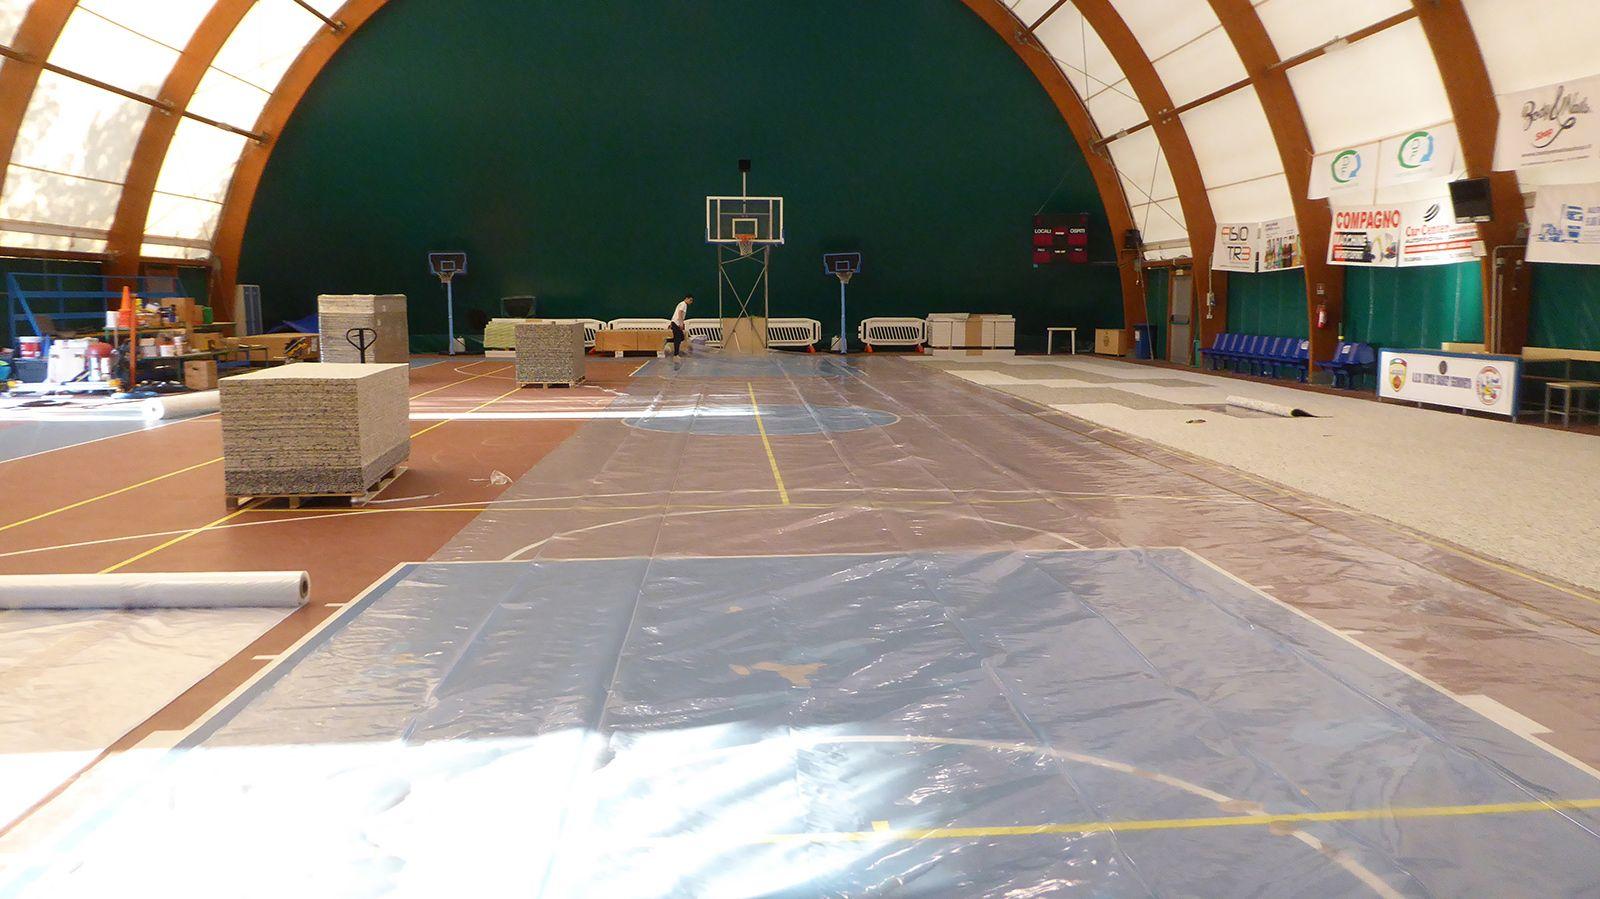 Tensostruttura con nuovo parquet sportivo omologato FIBA